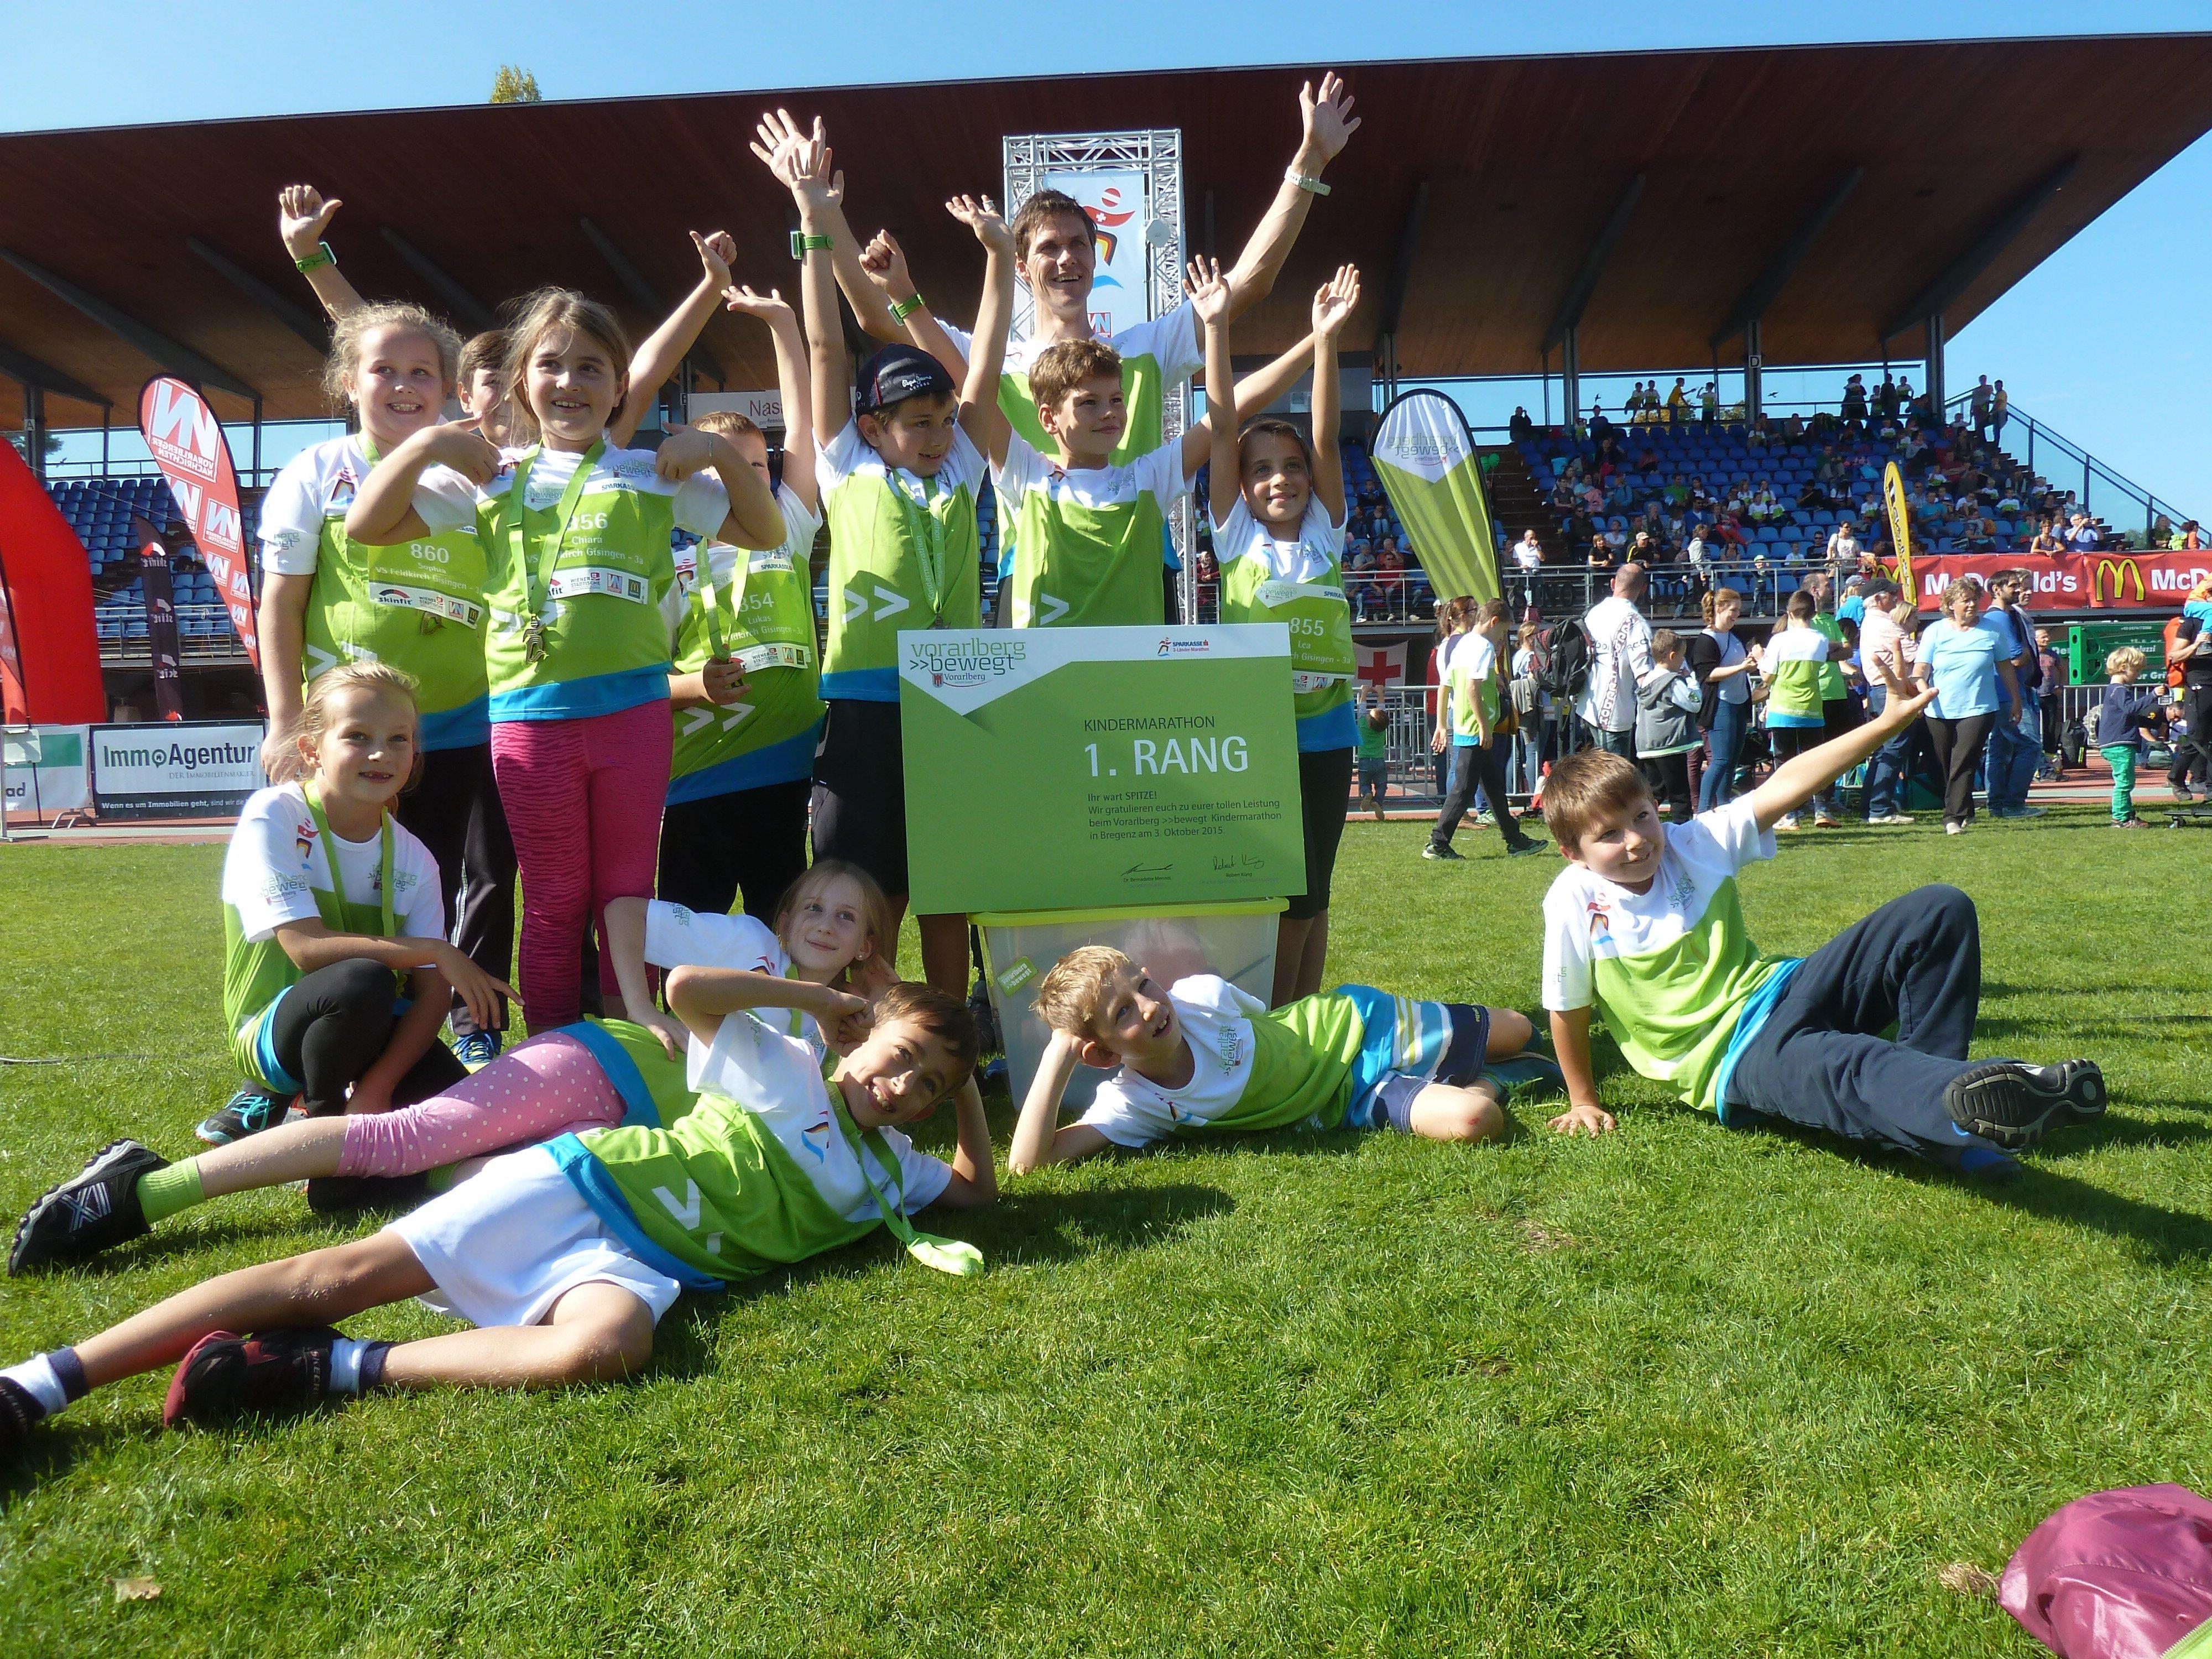 Die Gisinger Volksschüler holten sich den ersten Platz beim Kindermarathon.